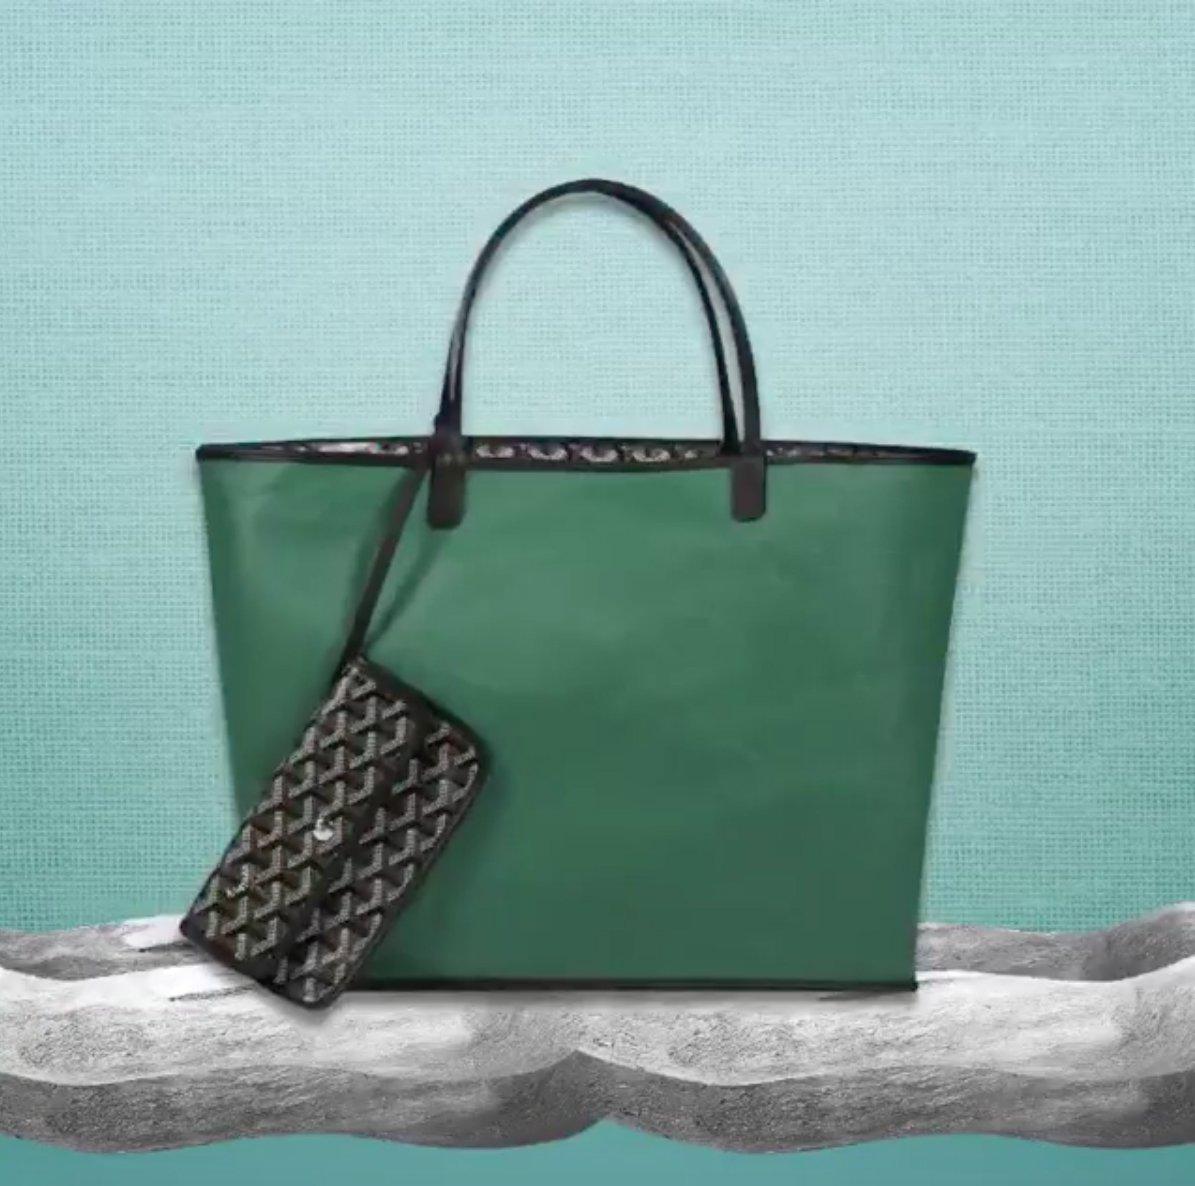 goyard-saint-louis-claire-voie-bag-green-2